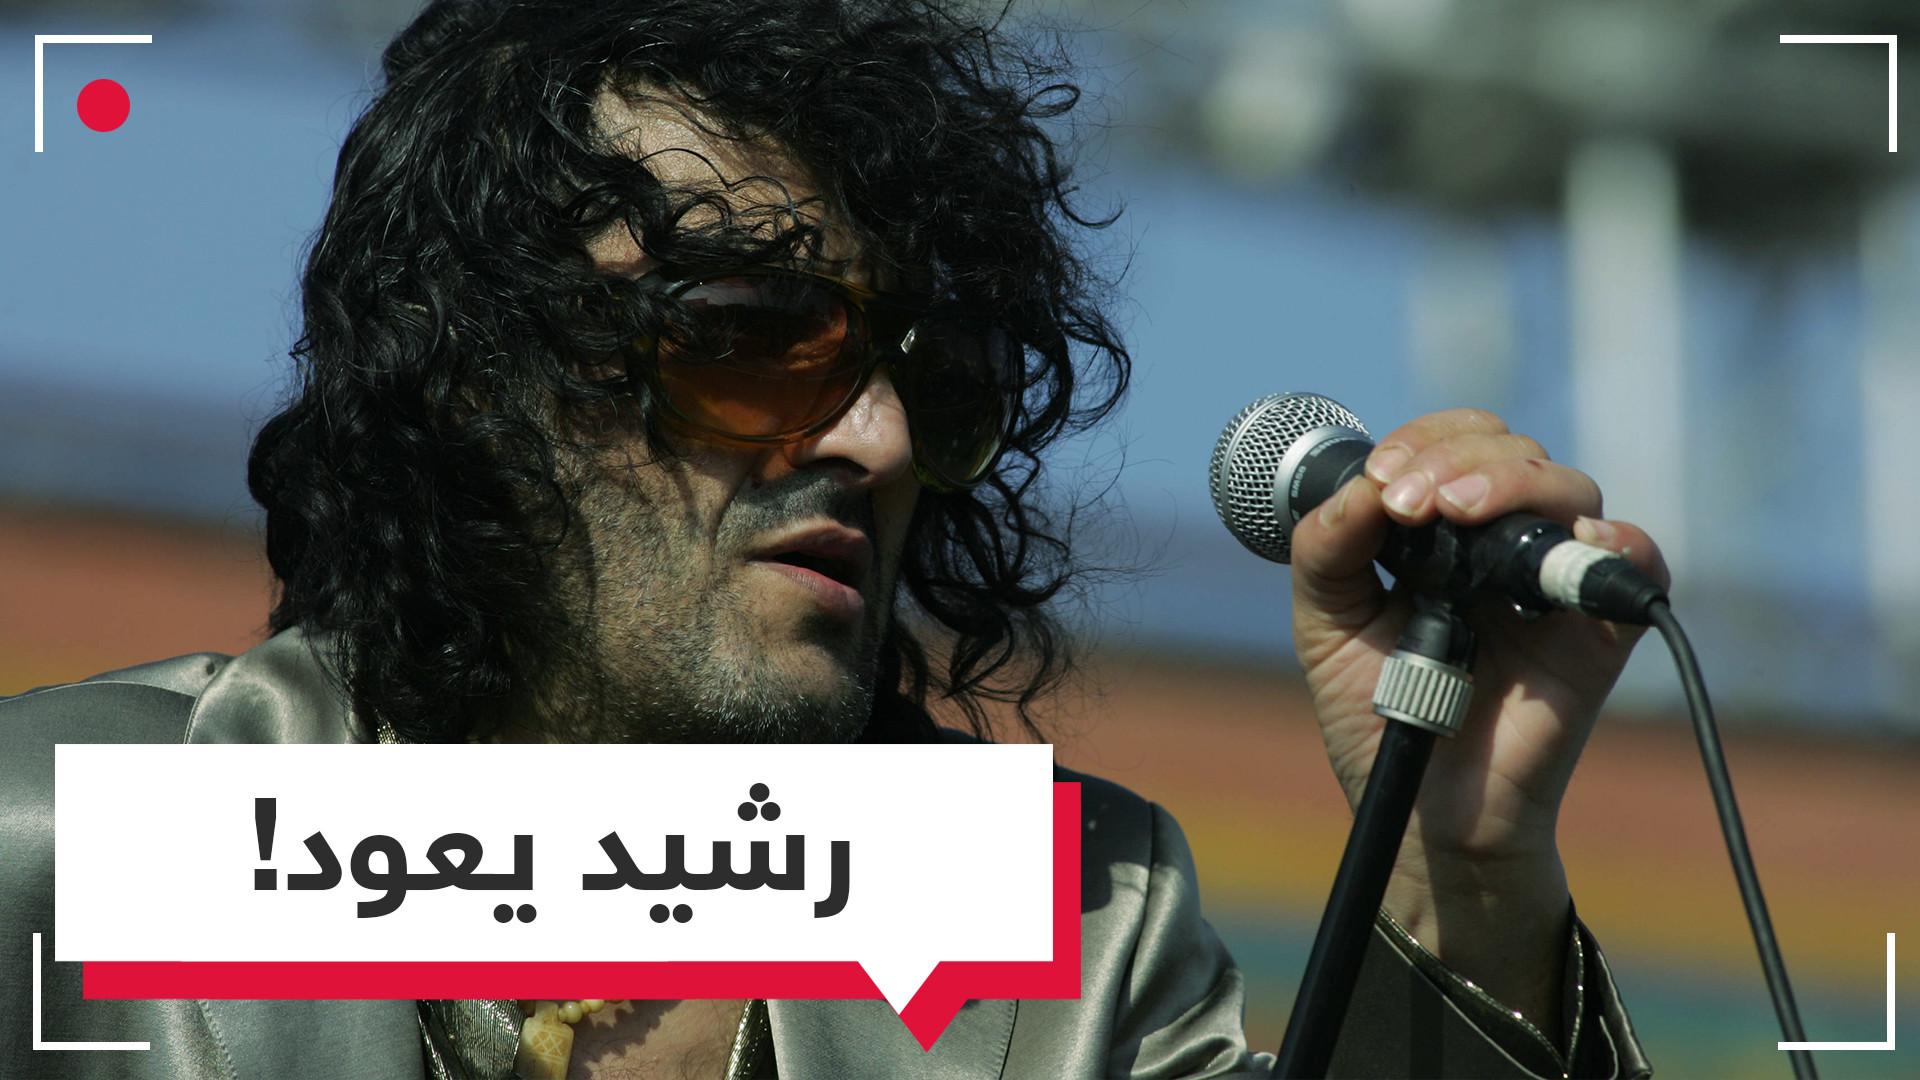 بألبوم أنا إفريقي.. المطرب الجزائري الراحل رشيد طه